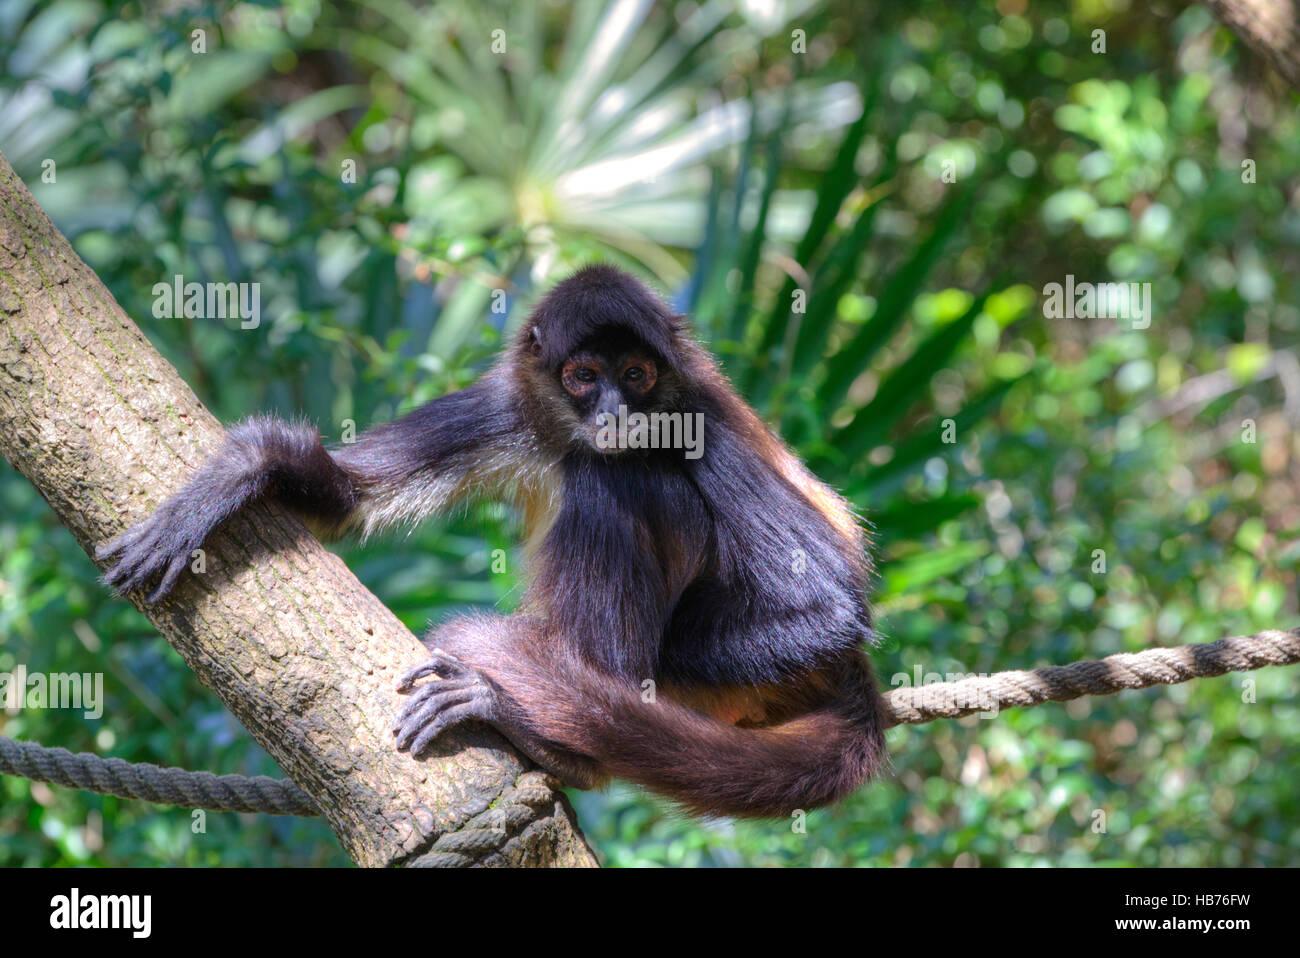 Mono araña (Latin-Ateles fusciceps), Zoológico de Belice, cerca de la ciudad de Belice, Belice Imagen De Stock